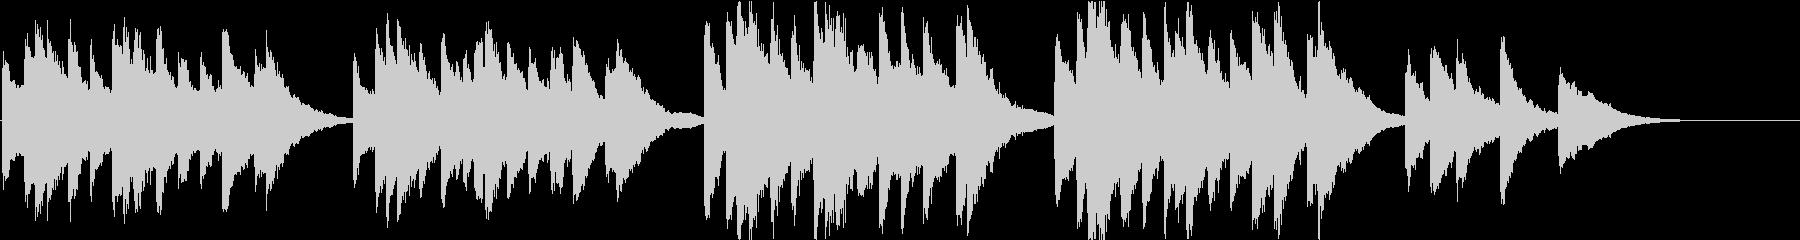 時報・チャイム風の名曲のメロディ・21の未再生の波形